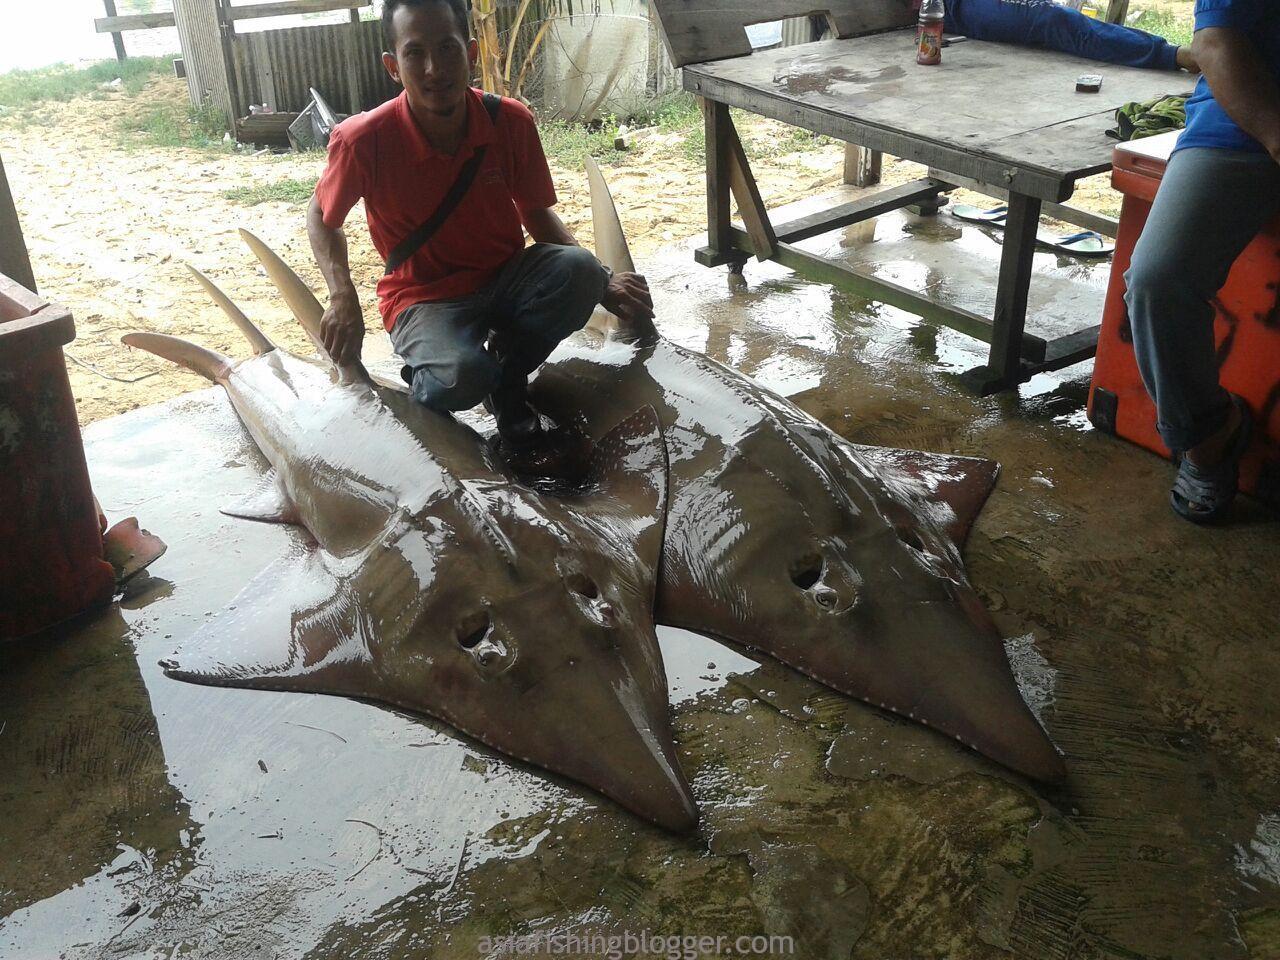 Special catch at Marang, Terengganu